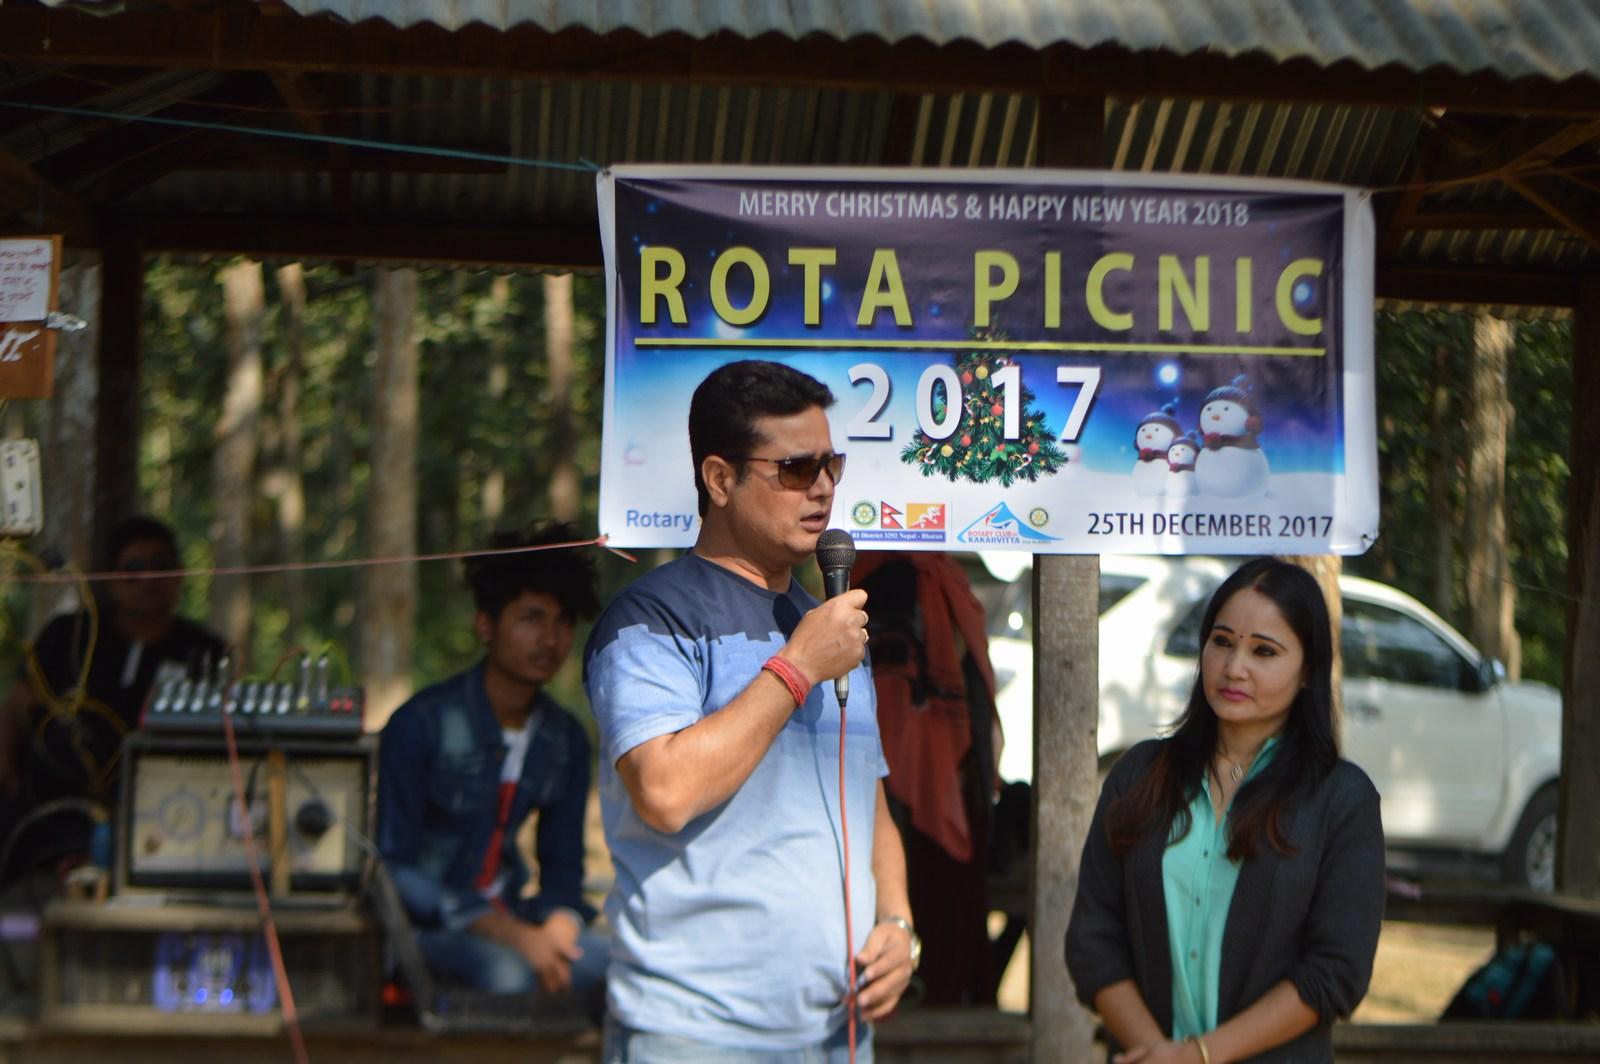 Rota-Picnic-2017-Rotary-Club-of-Kakarvitta-67